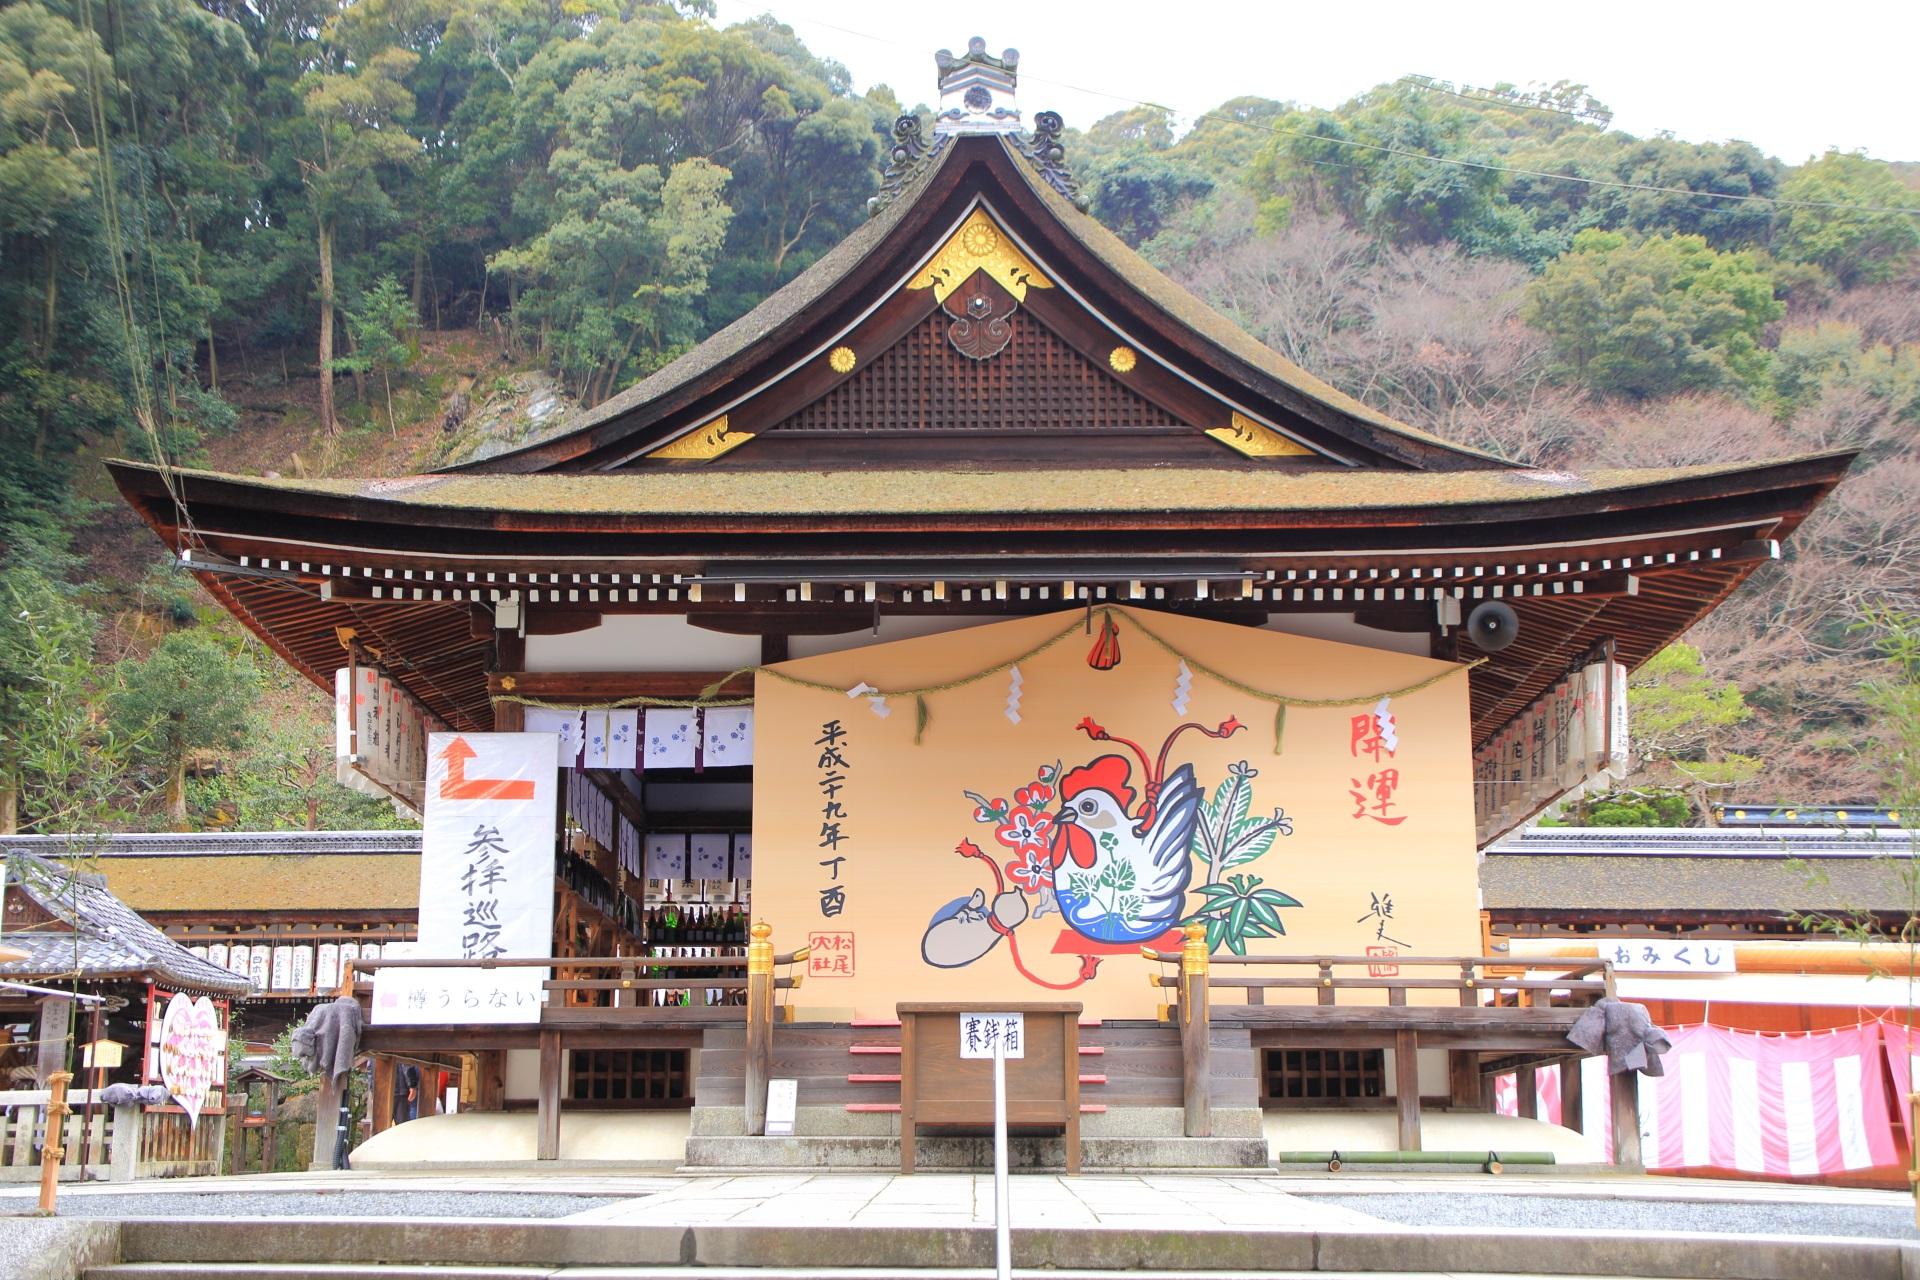 京都のお酒の神社の松尾大社の拝殿の酉年の大絵馬